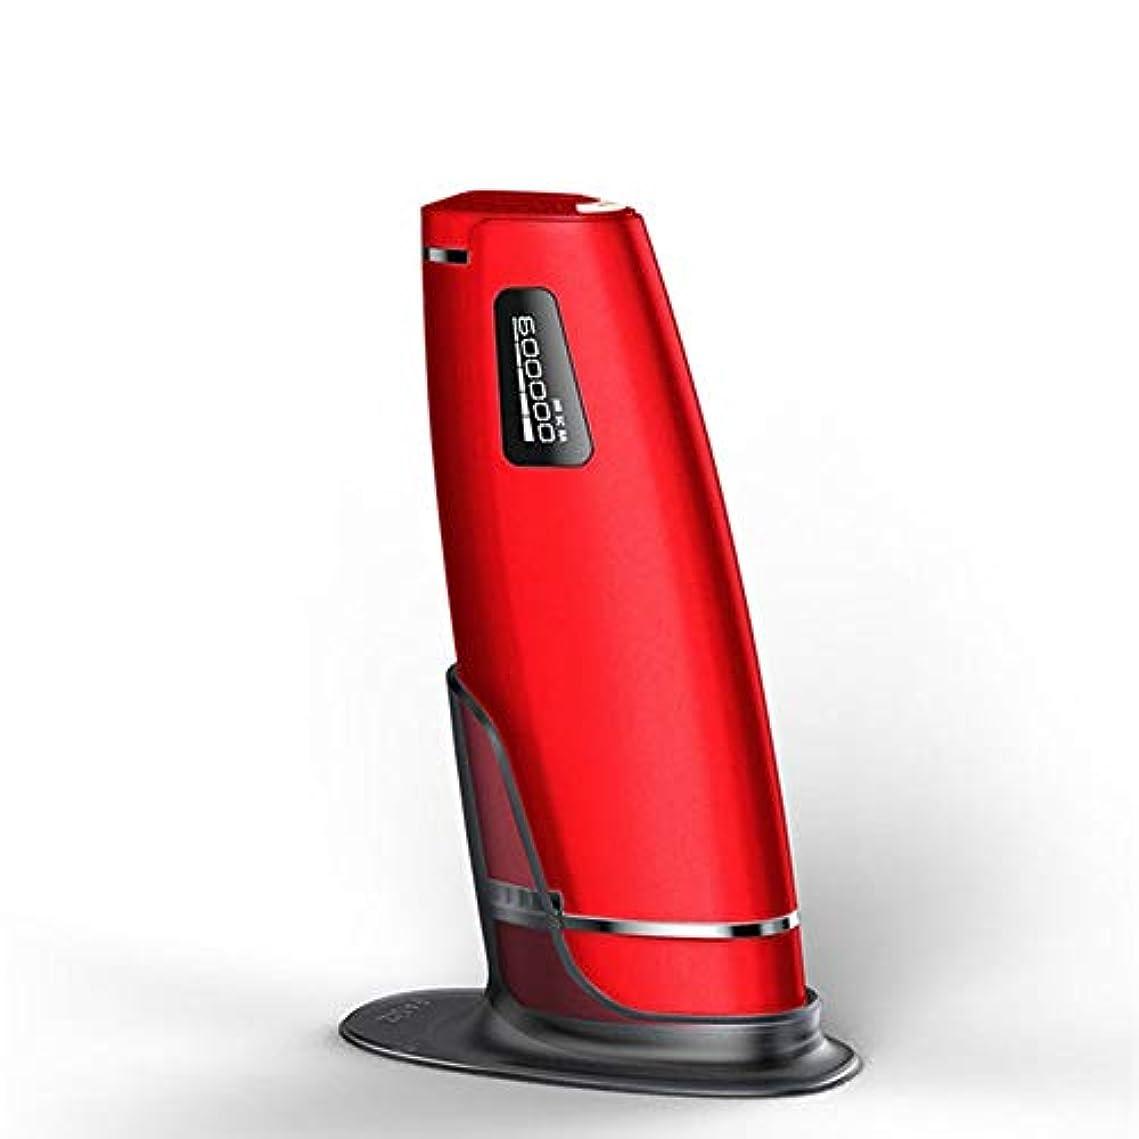 飾るネブ更新するNuanxin 赤、デュアルモード、ホームオートマチック無痛脱毛剤、携帯用永久脱毛剤、5スピード調整、サイズ20.5 X 4.5 X 7 Cm F30 (Color : Red)